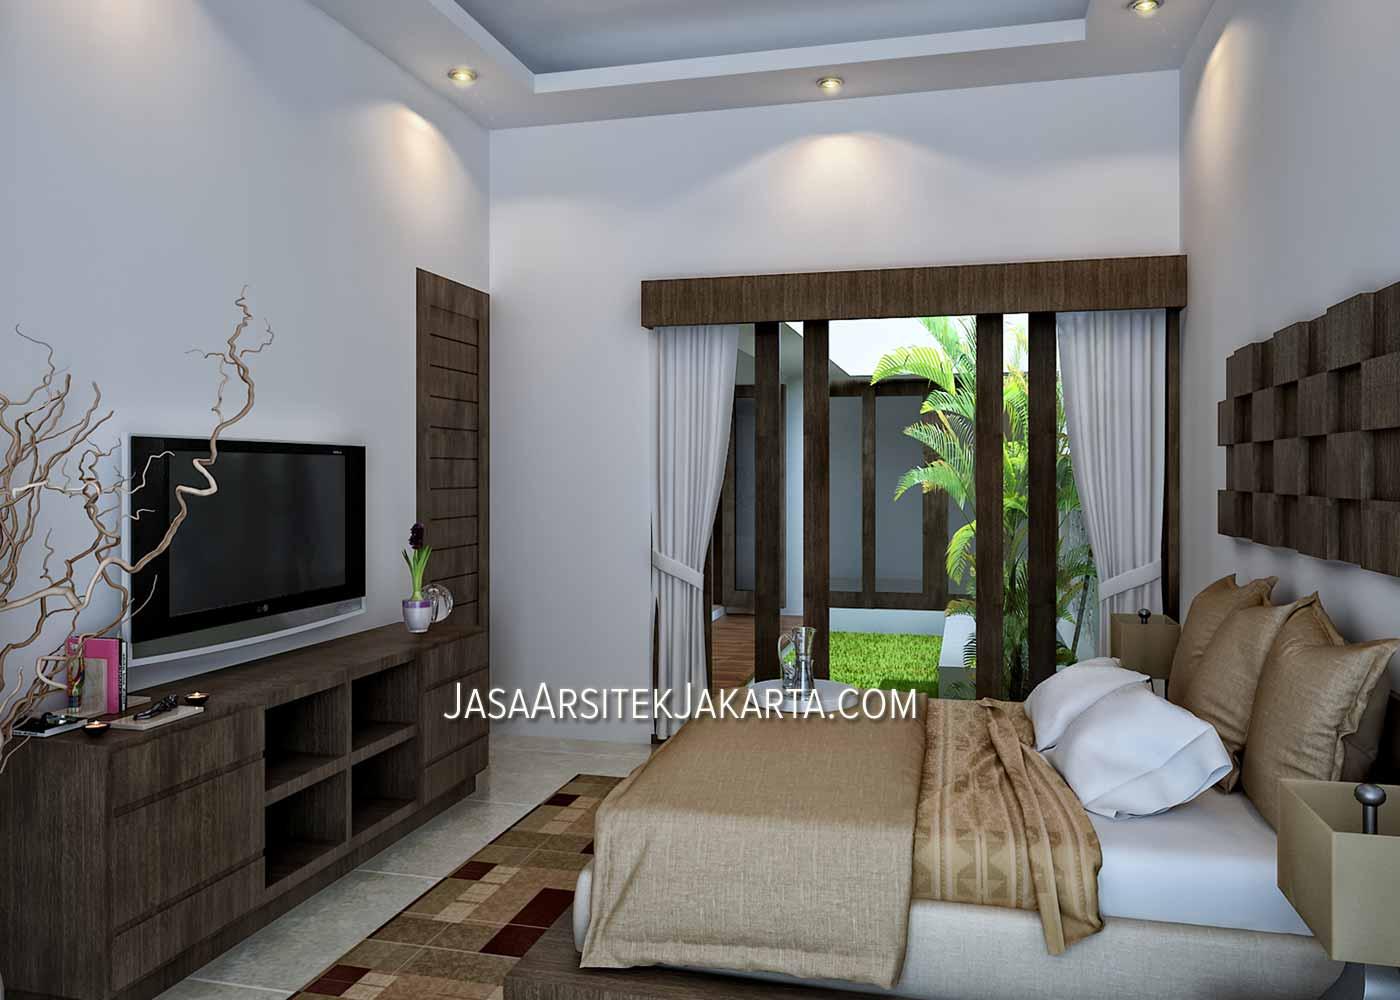 Desain Rumah 5 kamar Luas 330 m2 Bp Havid di Malang  Jasa Arsitek Jakarta